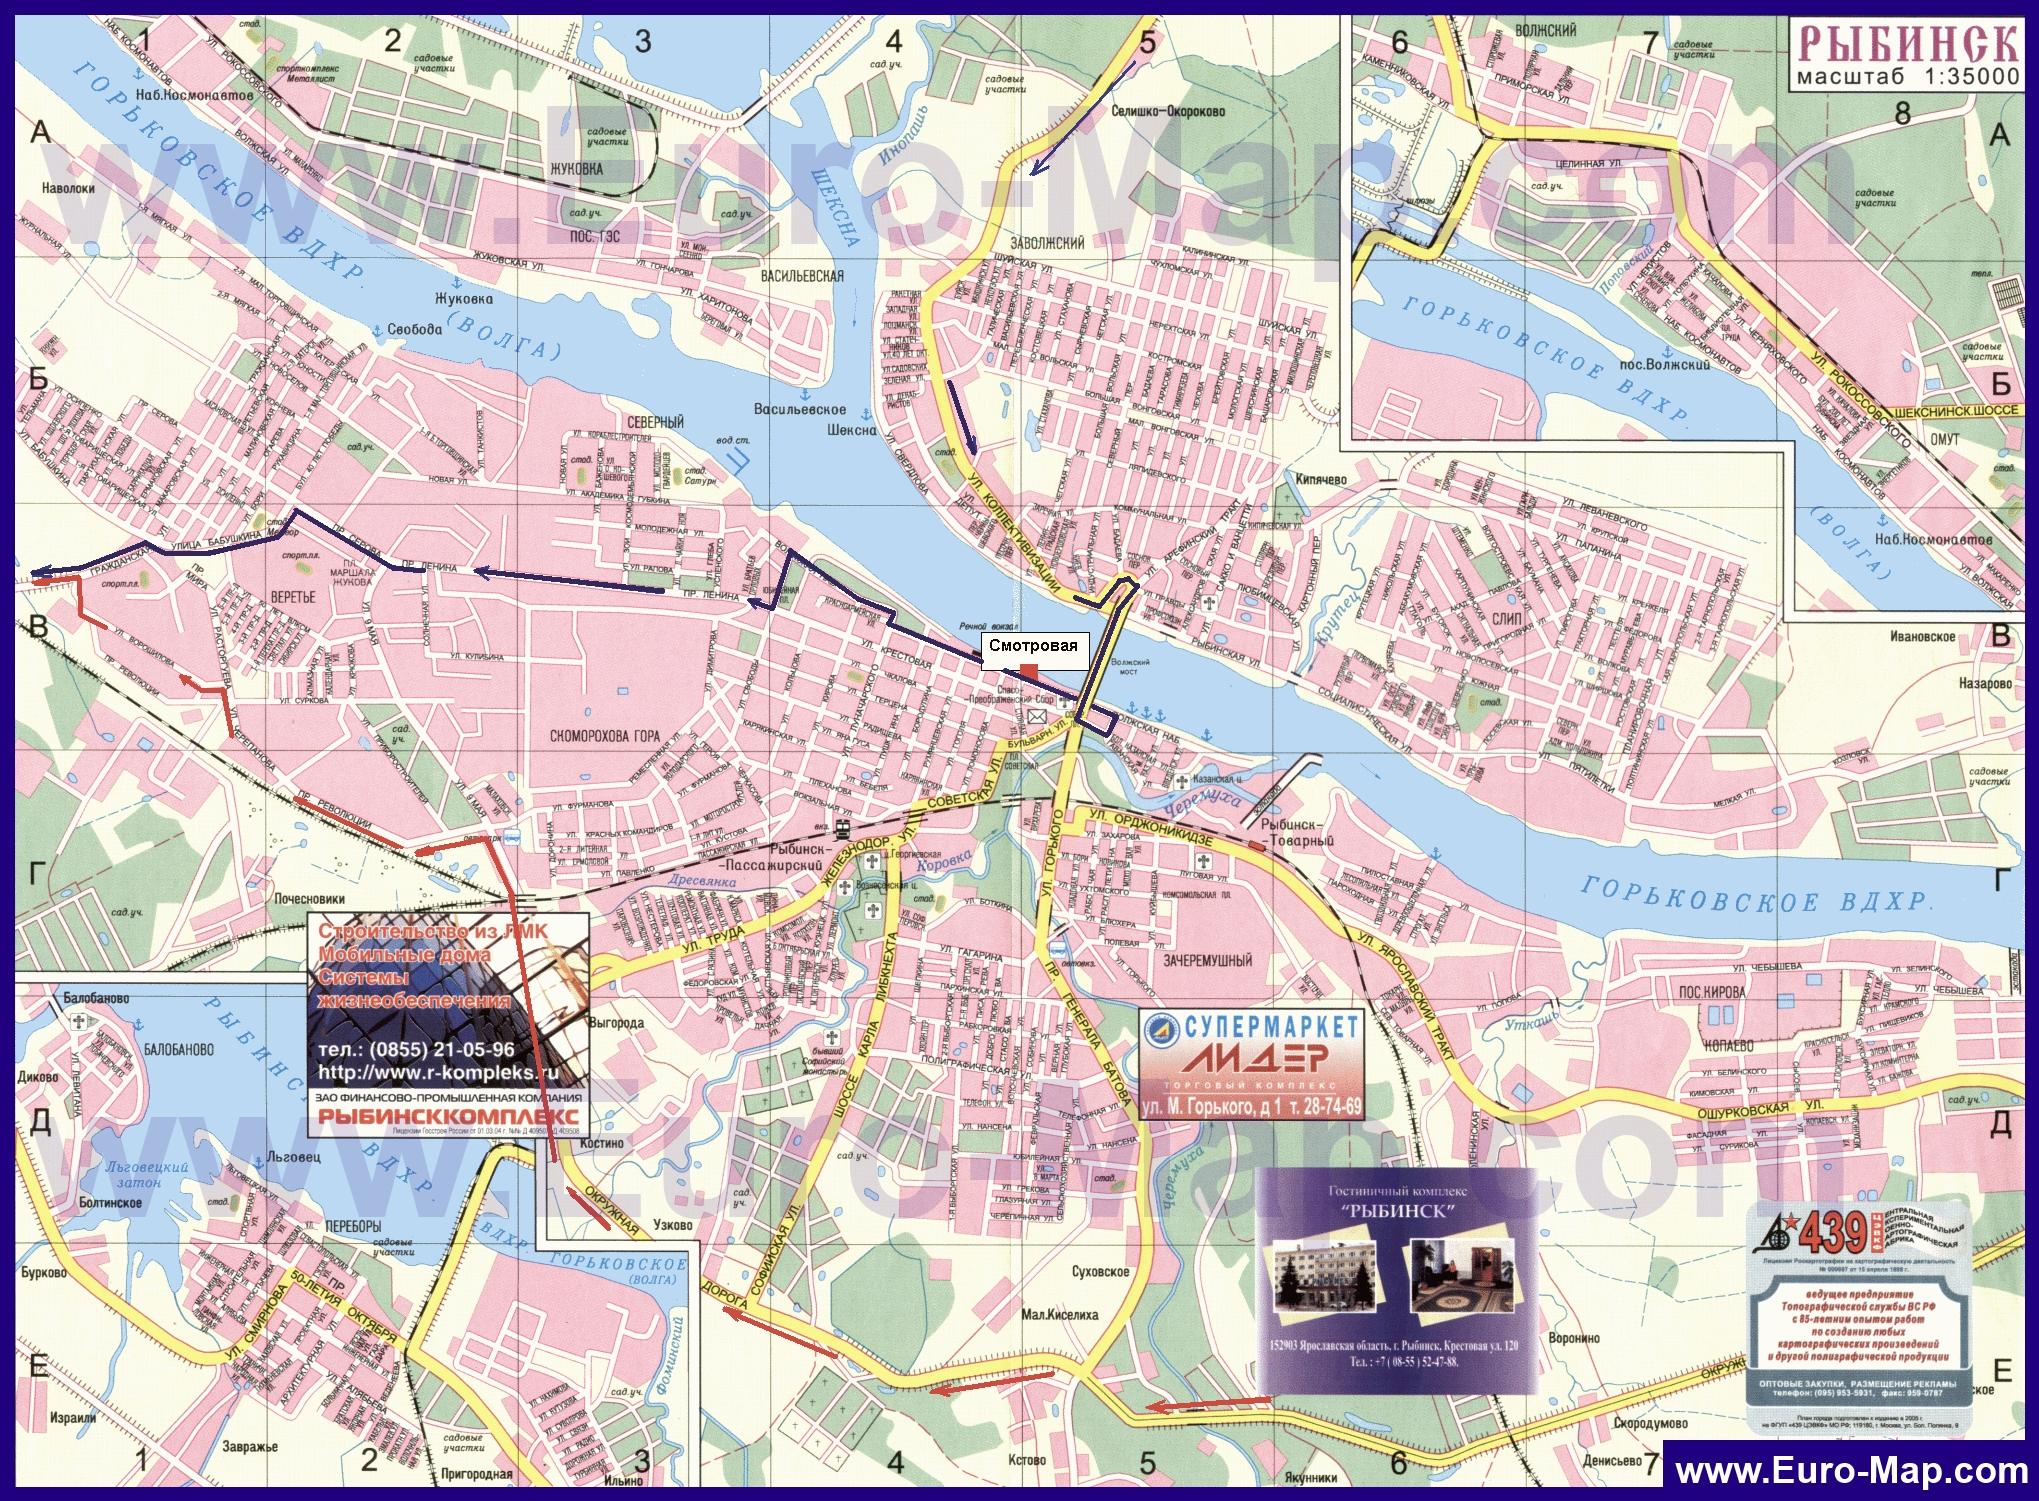 Подробная карта Рыбинска с названиями улиц и номерами ...